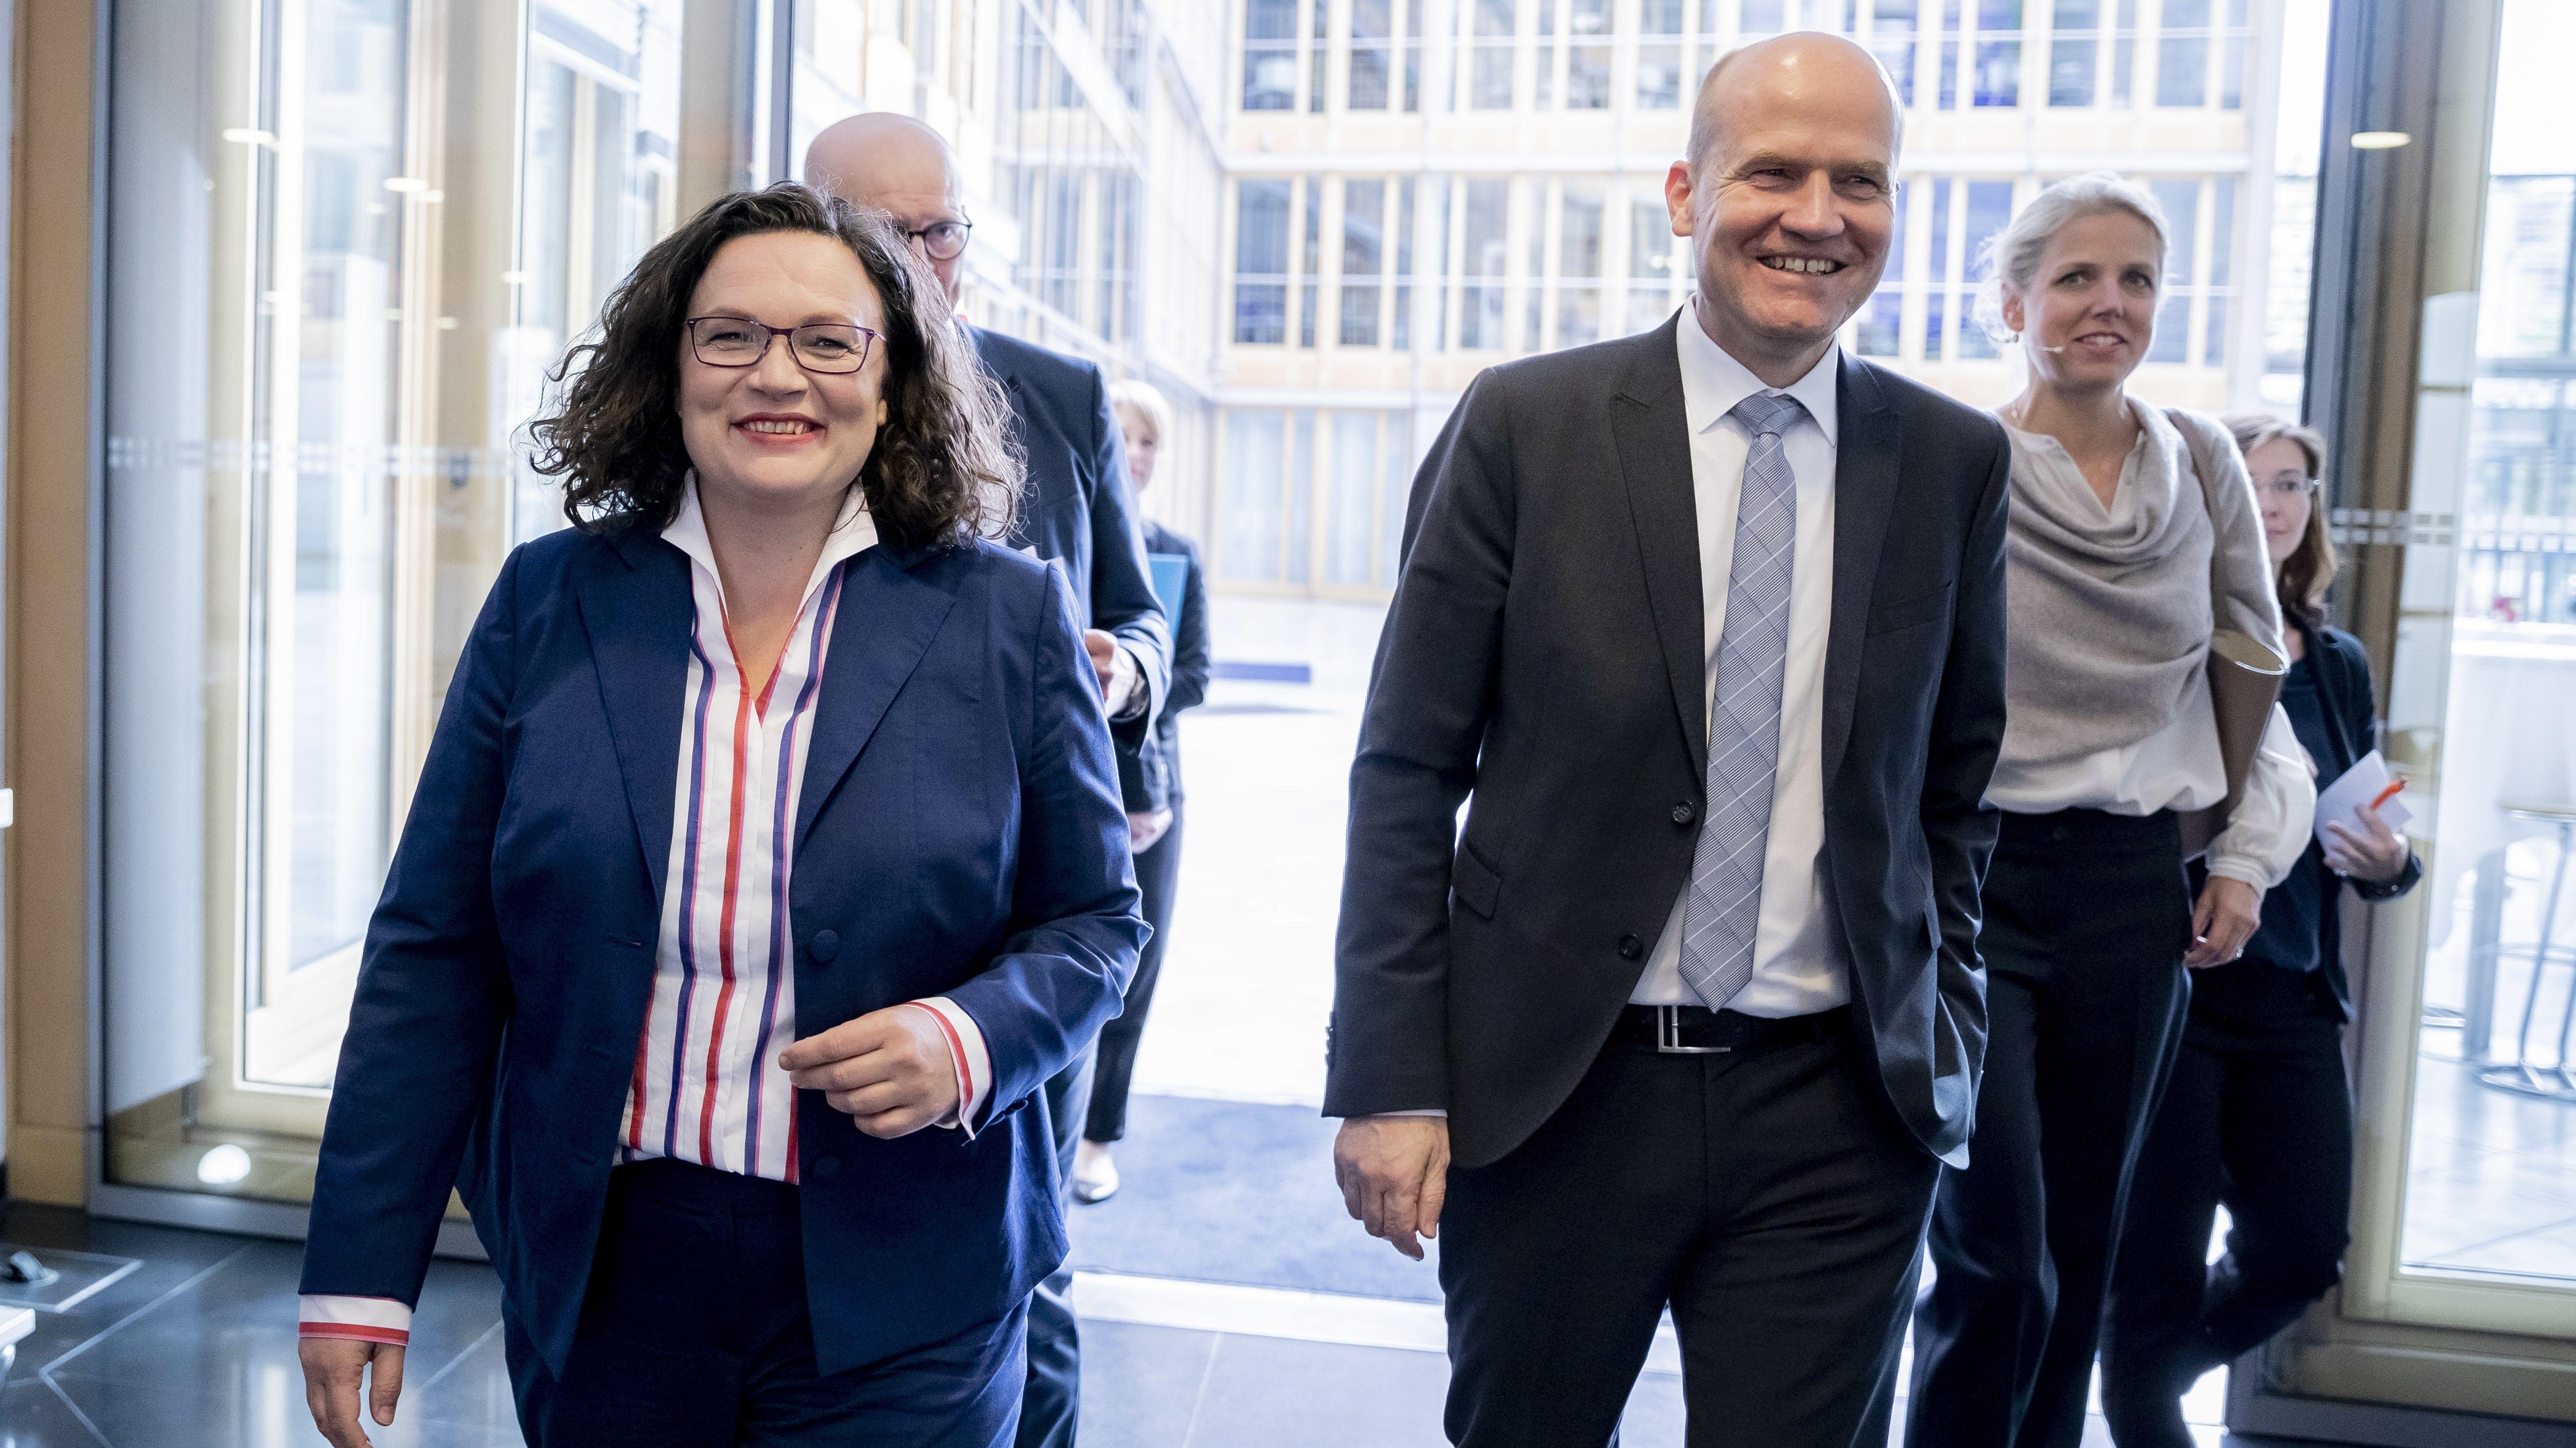 SPD-Fraktionschefin Nahles und Unions-Fraktionschef Brinkhaus beim DIHK in Berlin